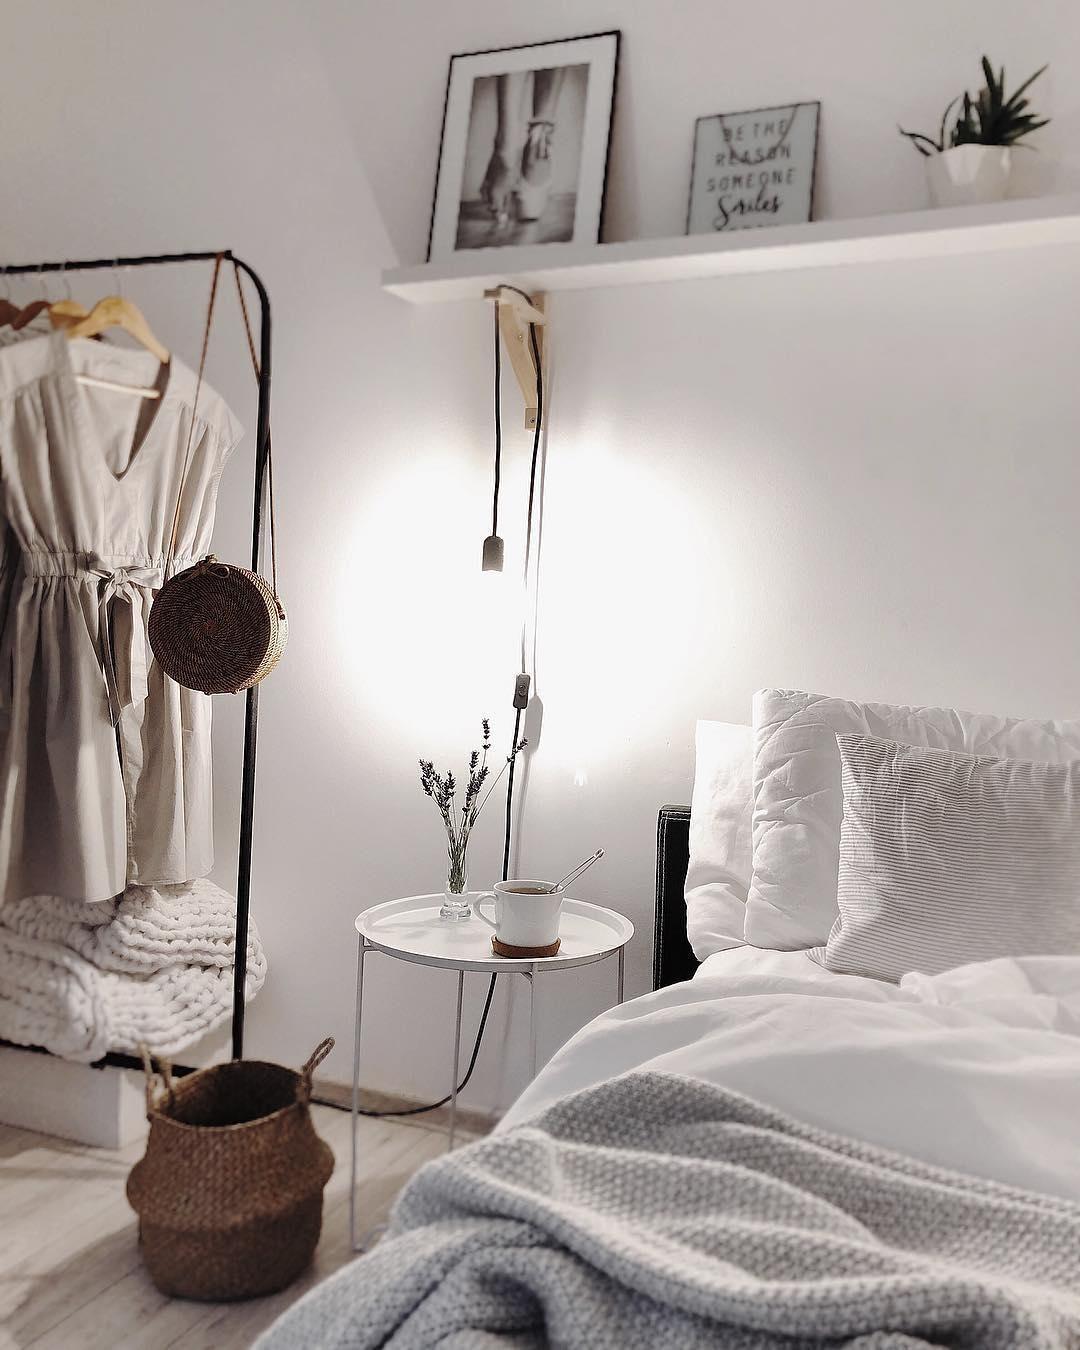 Full Size of Deko Schlafzimmer White Dreams In Diesem Wunderschnen Stimmt Jedes Wandtattoo Luxus Led Deckenleuchte Wandtattoos Set Günstige Komplett Vorhänge Kommode Wohnzimmer Dekoration Schlafzimmer